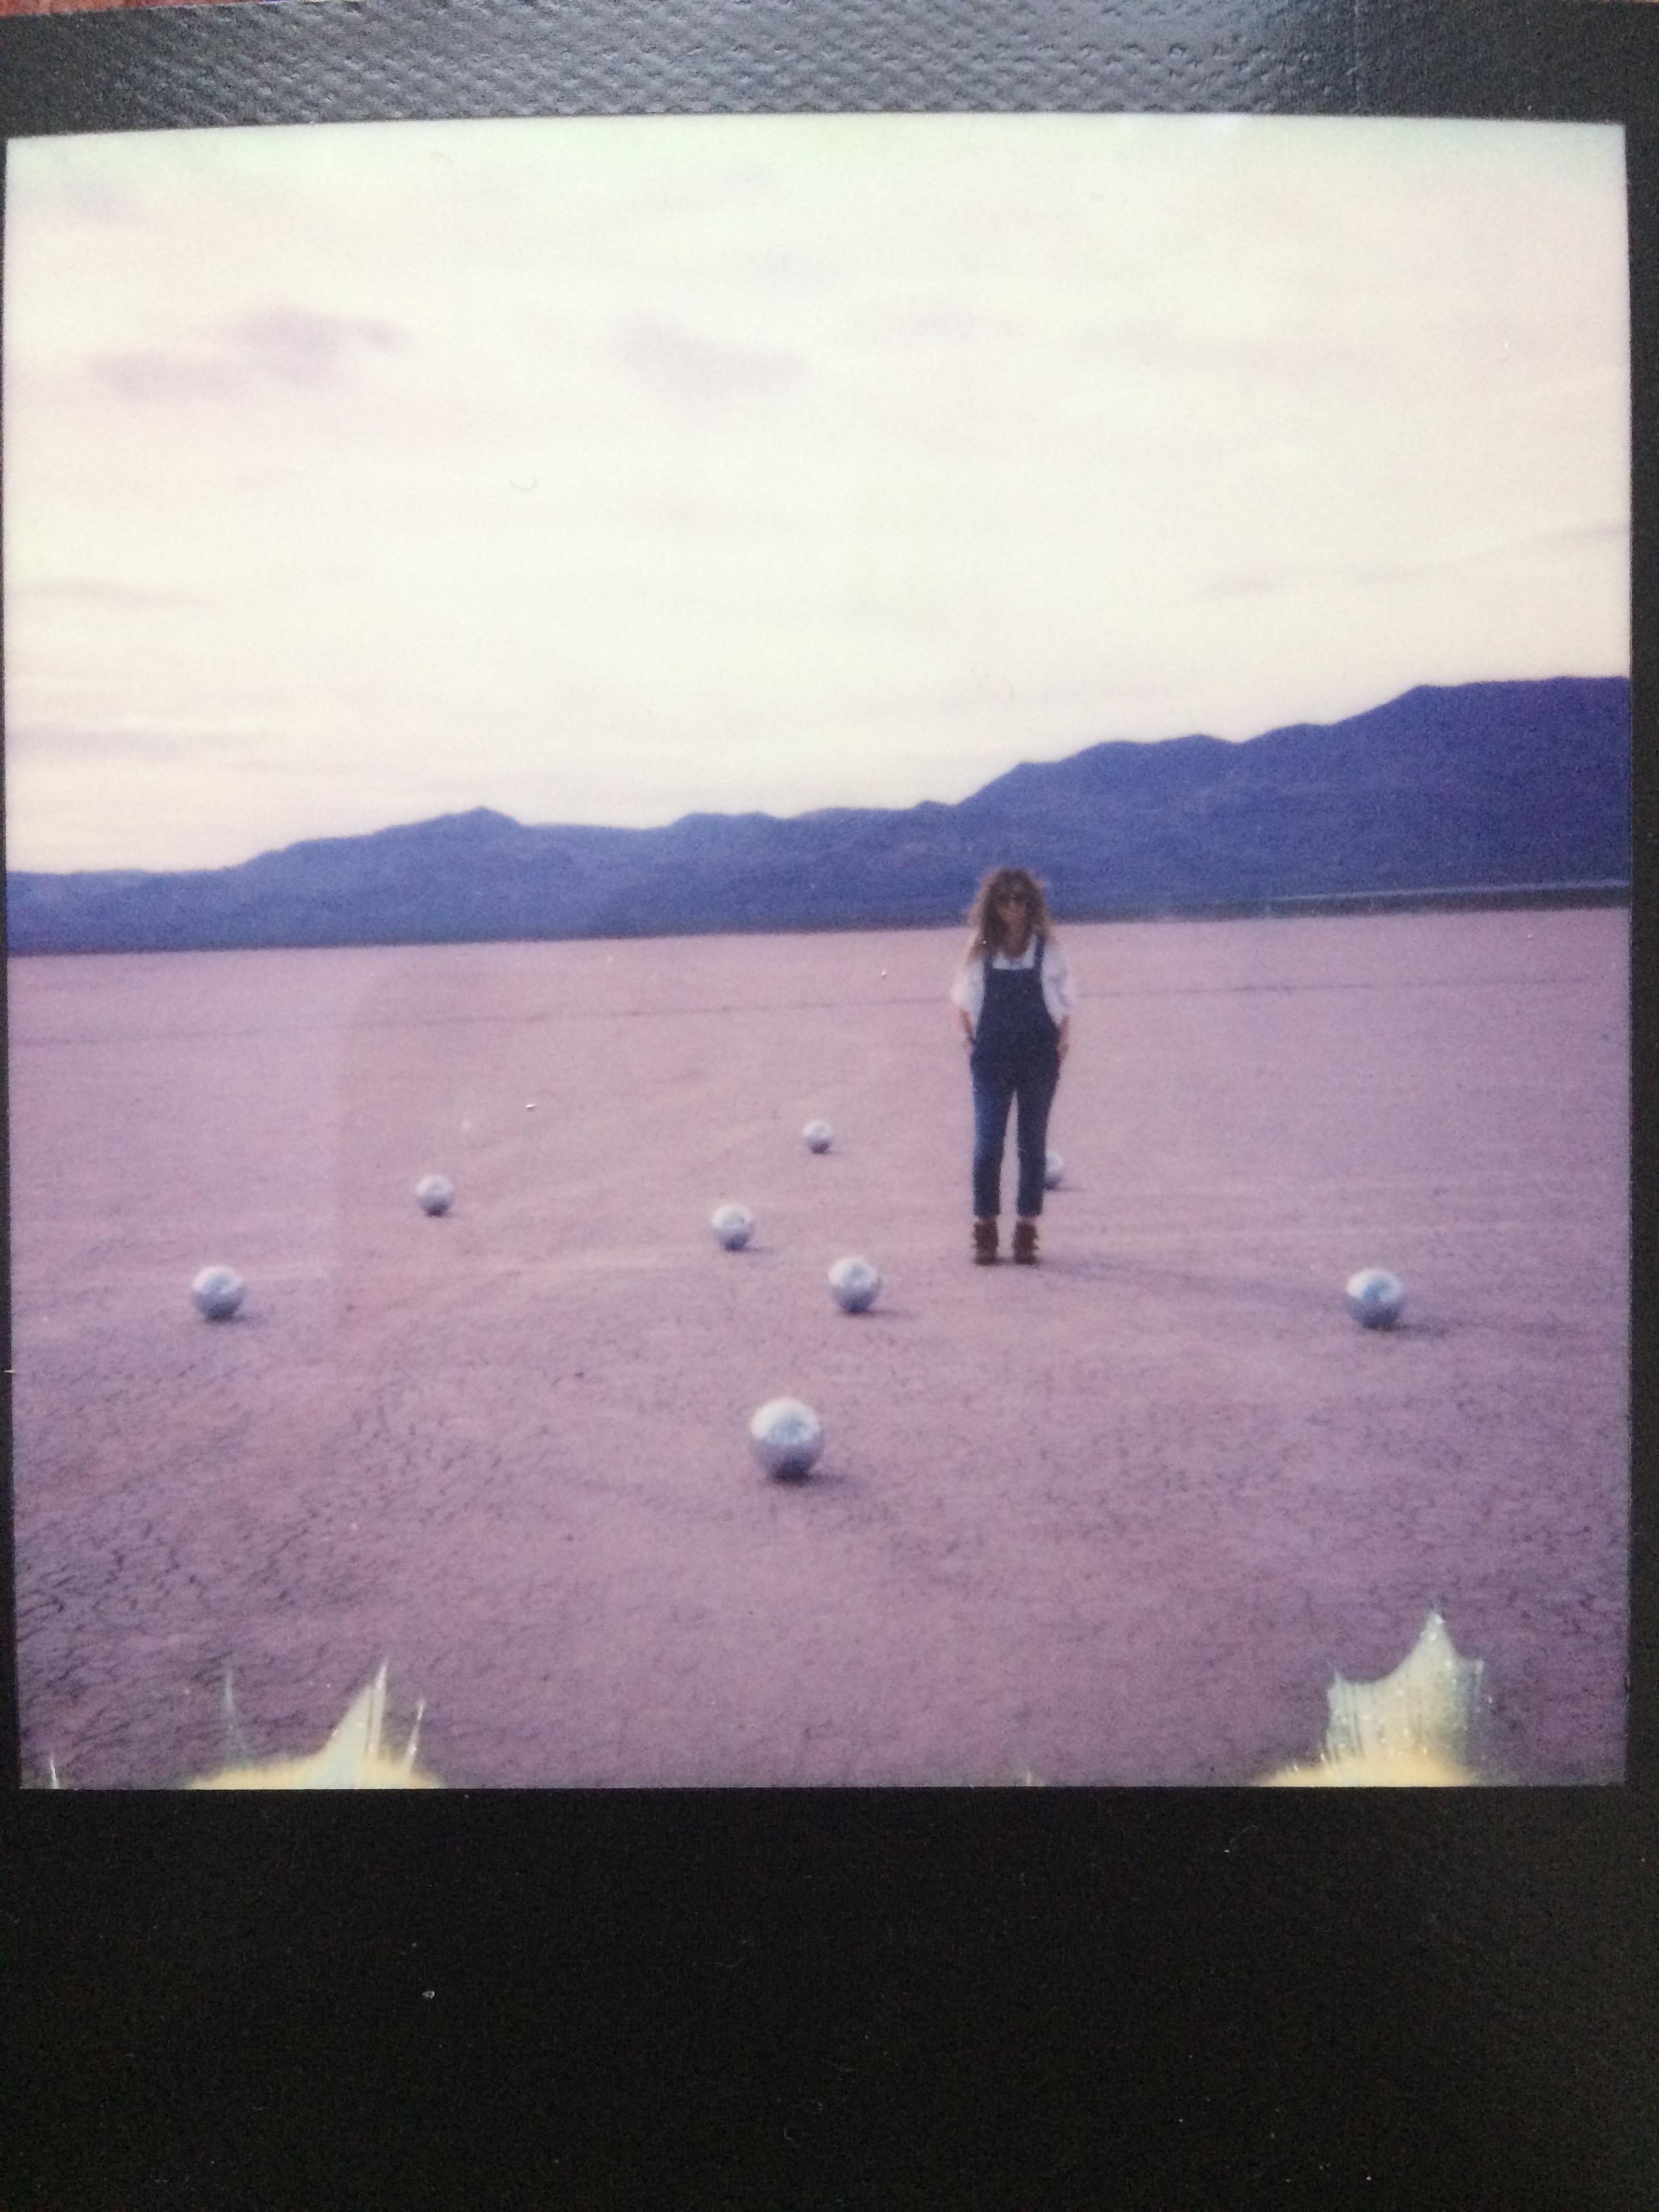 disco balls polaroid las vegas desert